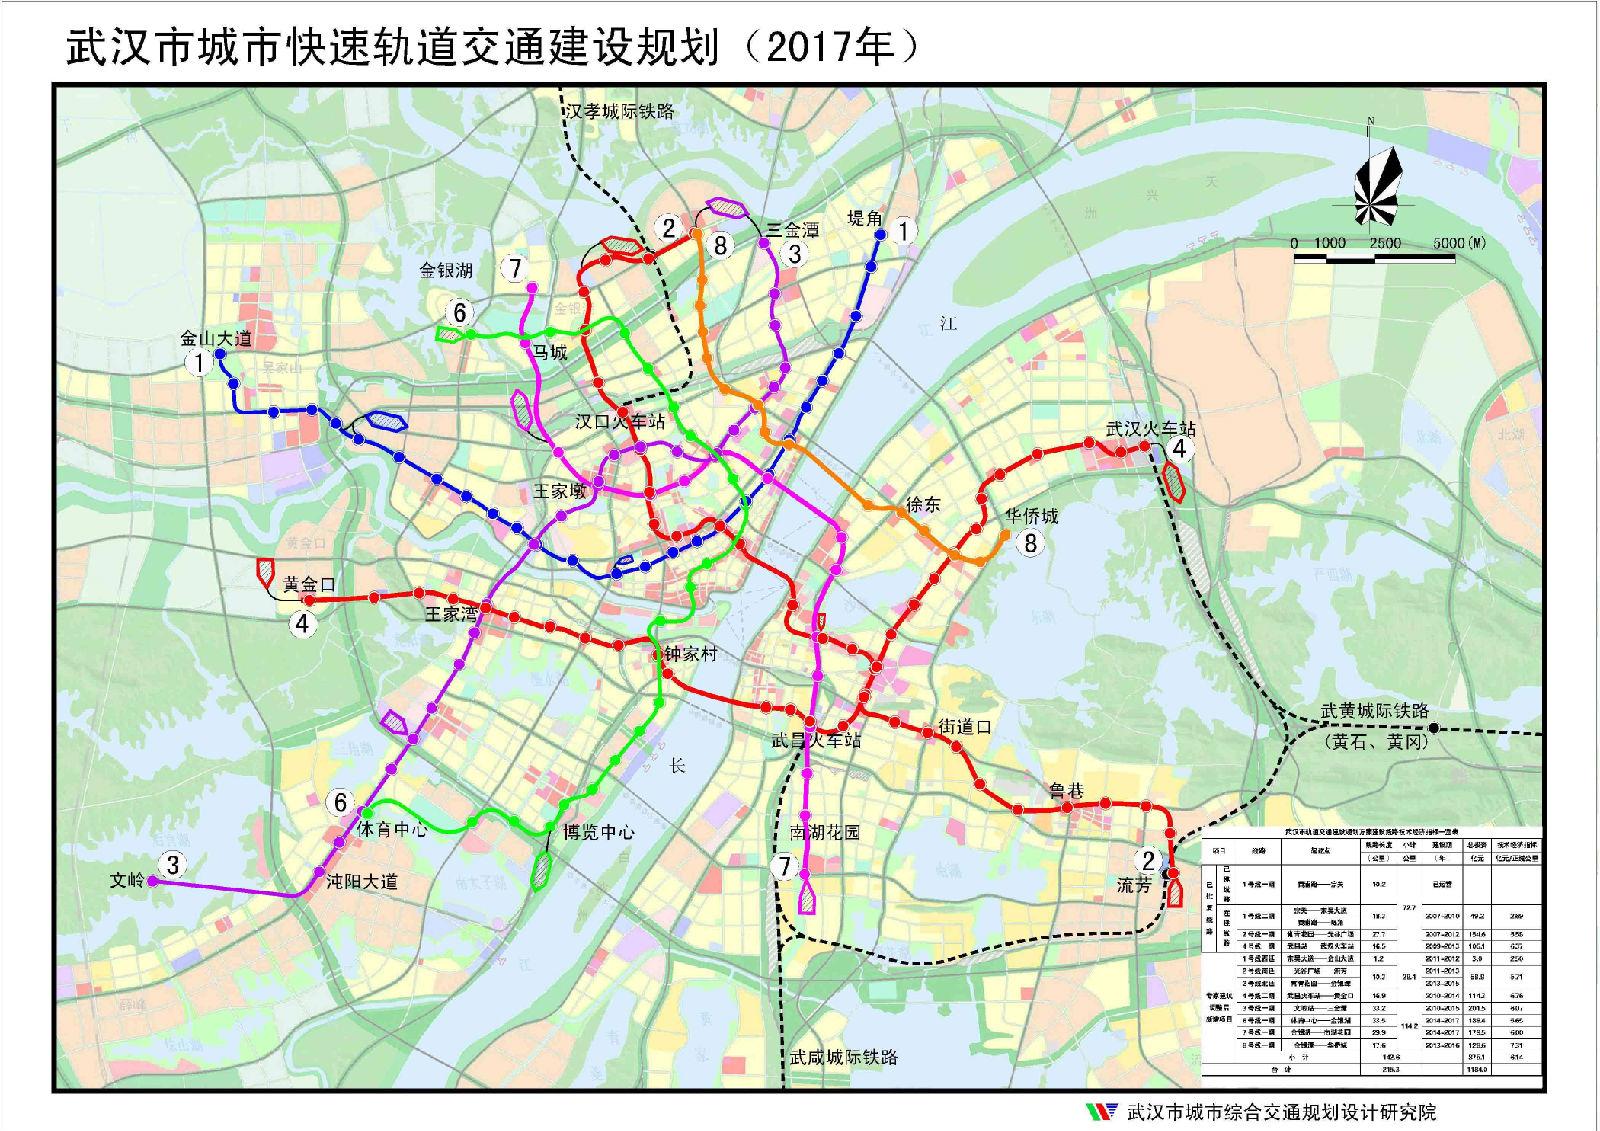 郑州武汉地图_武汉市轨道交通线路图(最好是地图)_百度知道